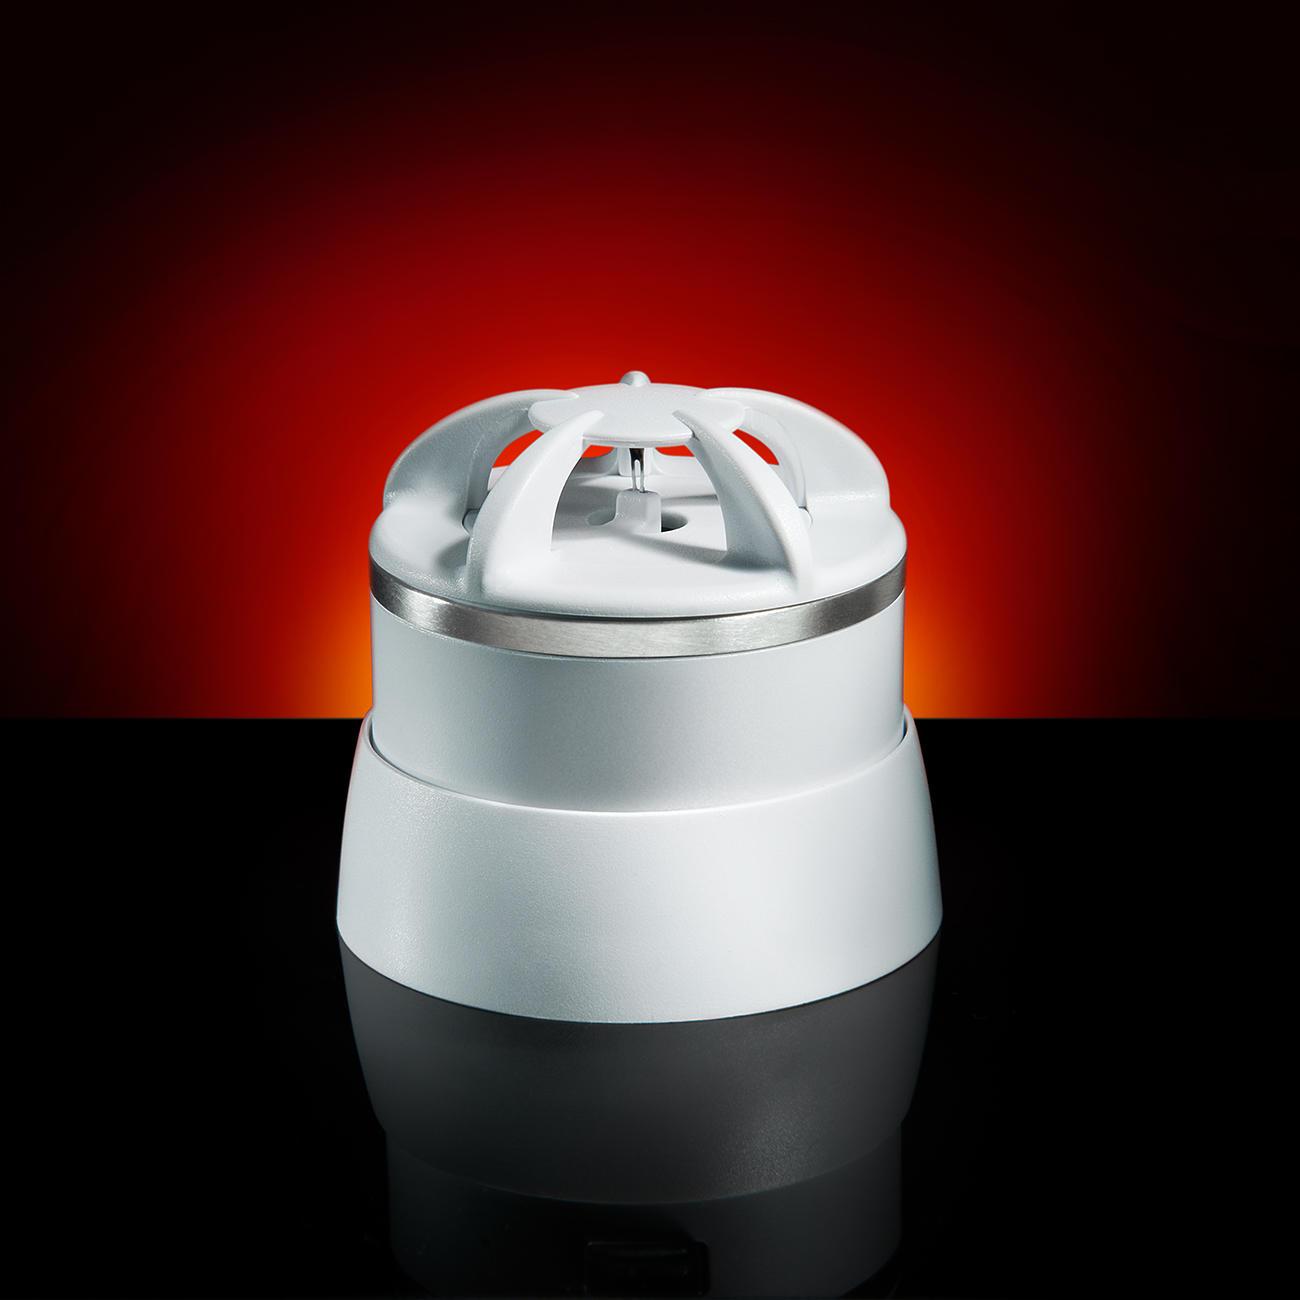 D tecteur de fum e ou de chaleur invisible 39 10 ans 39 for Detecteur chaleur